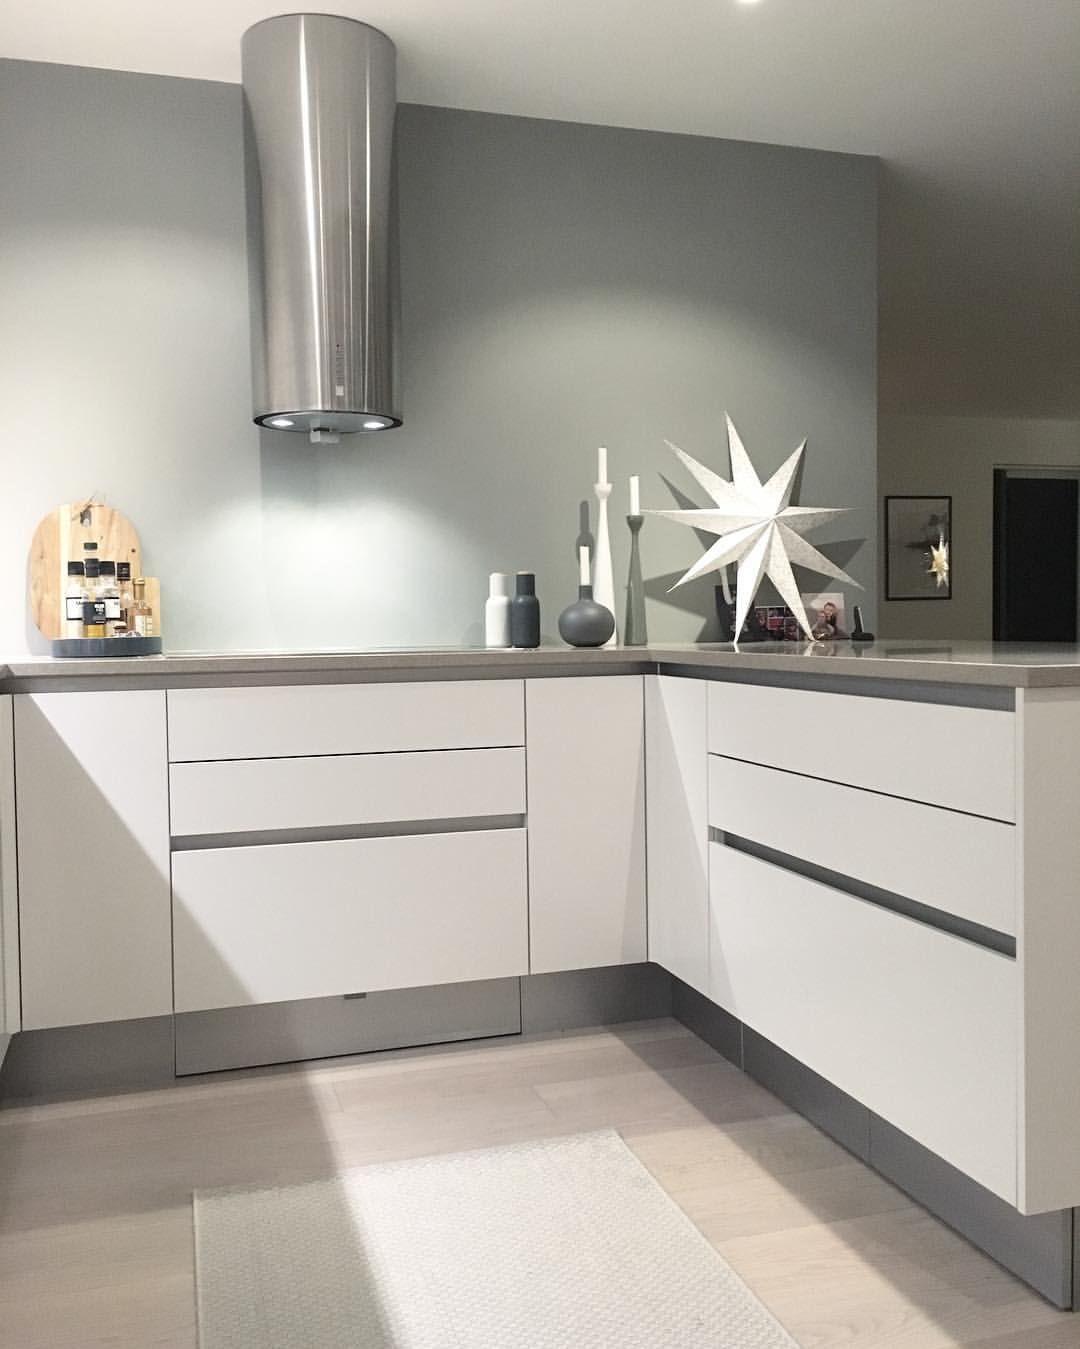 ➕Kitchen ➕ #kitchen #kitchendesign #houzz #interiordesign #homeinspo #interior #ingerliselille_inspo #hth #vh7 #jotun #gråharmoni #nordicminimalism #mitinspo @mitlyse #immyandindi #interior4all  #dittlillehjerterom @mittlillehjerte #charminghomes #whiteinterior